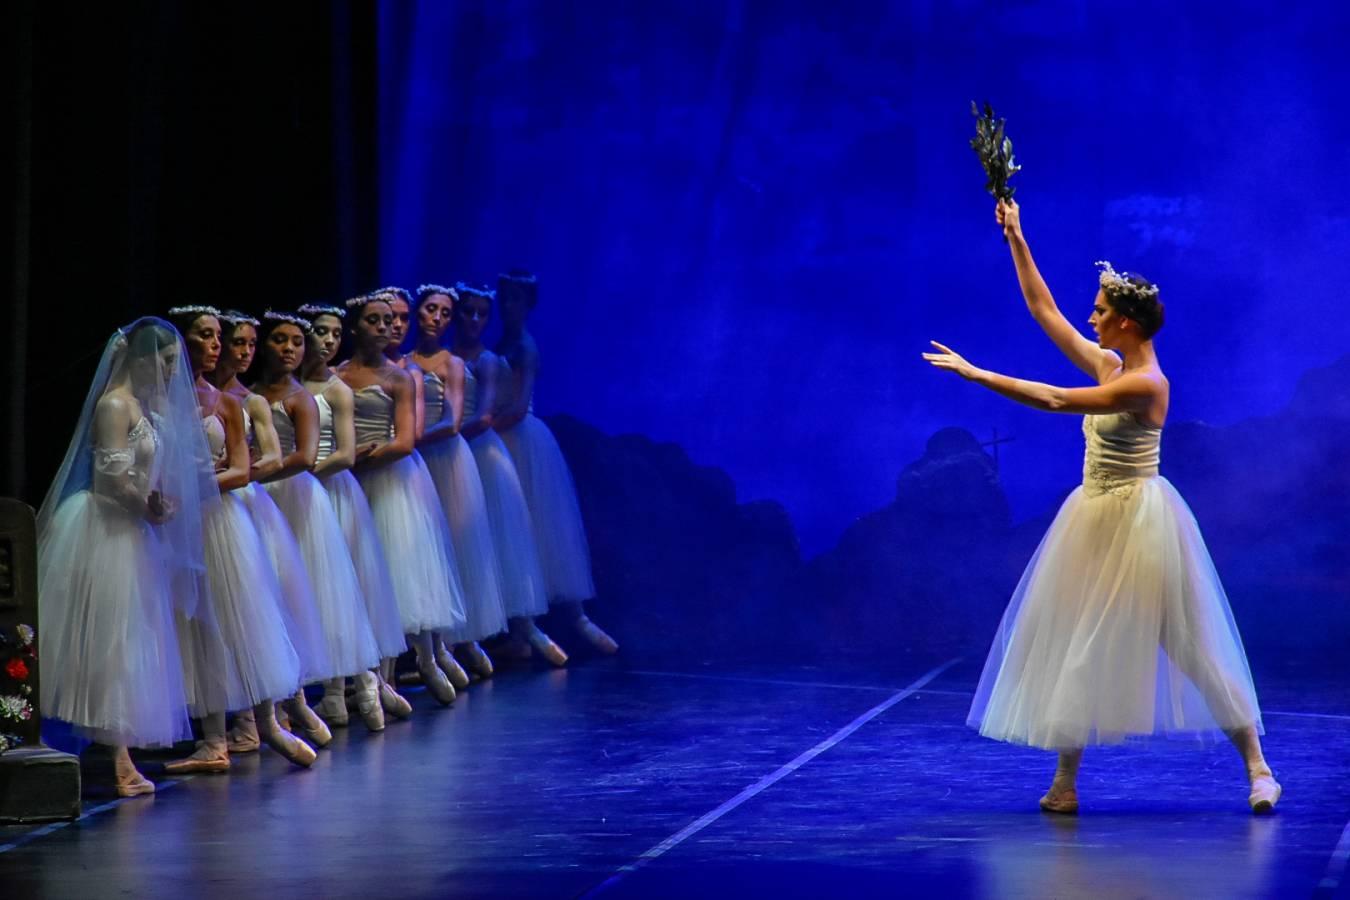 """Regresa """"Giselle"""", obra maestra de ballet al Teatro del Libertador"""